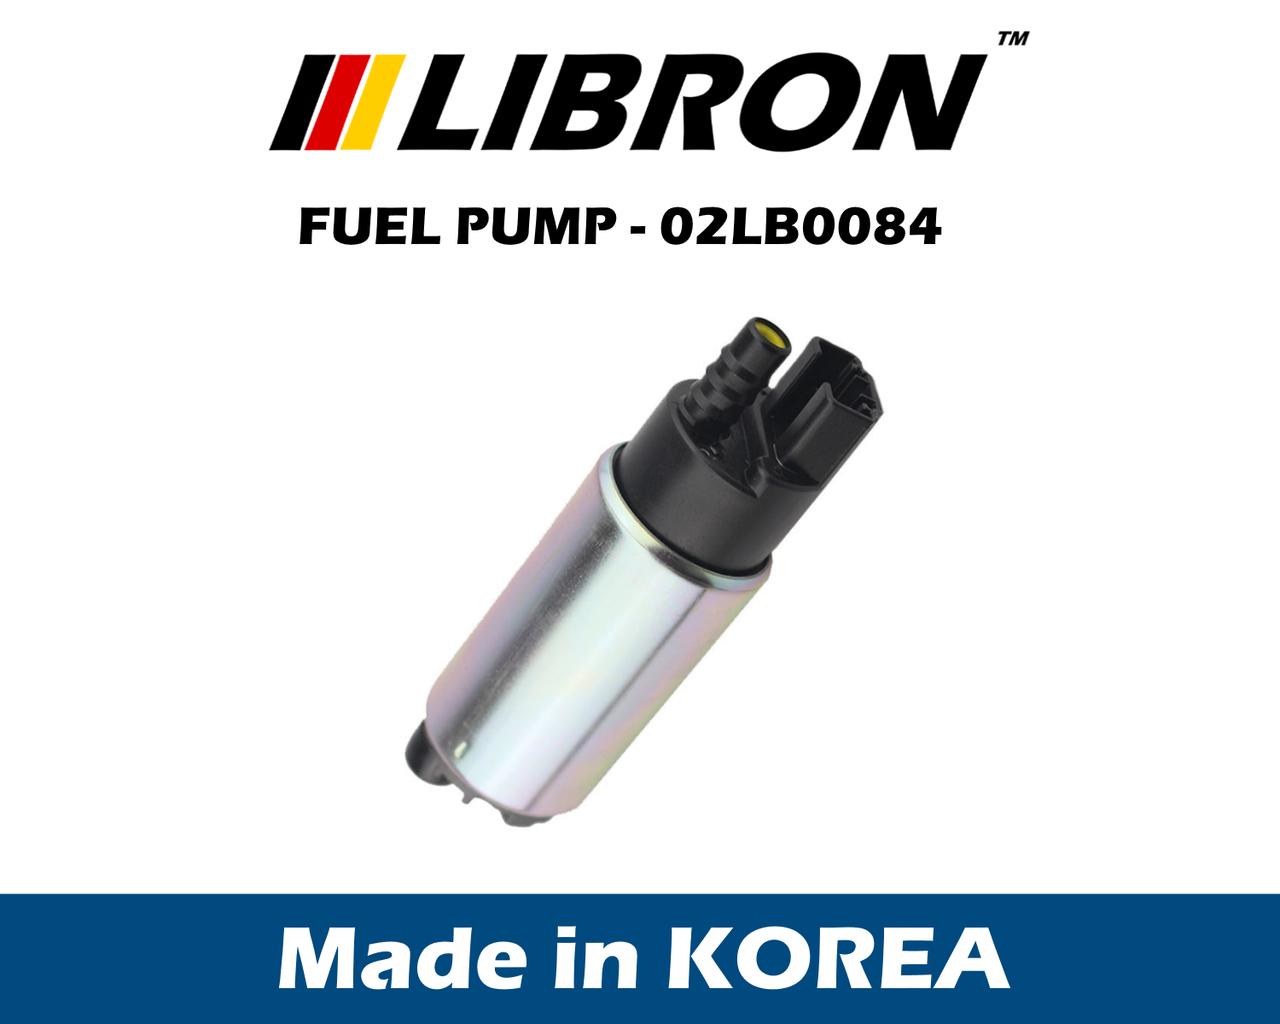 Топливный насос LIBRON 02LB0084 - Киа Джойс